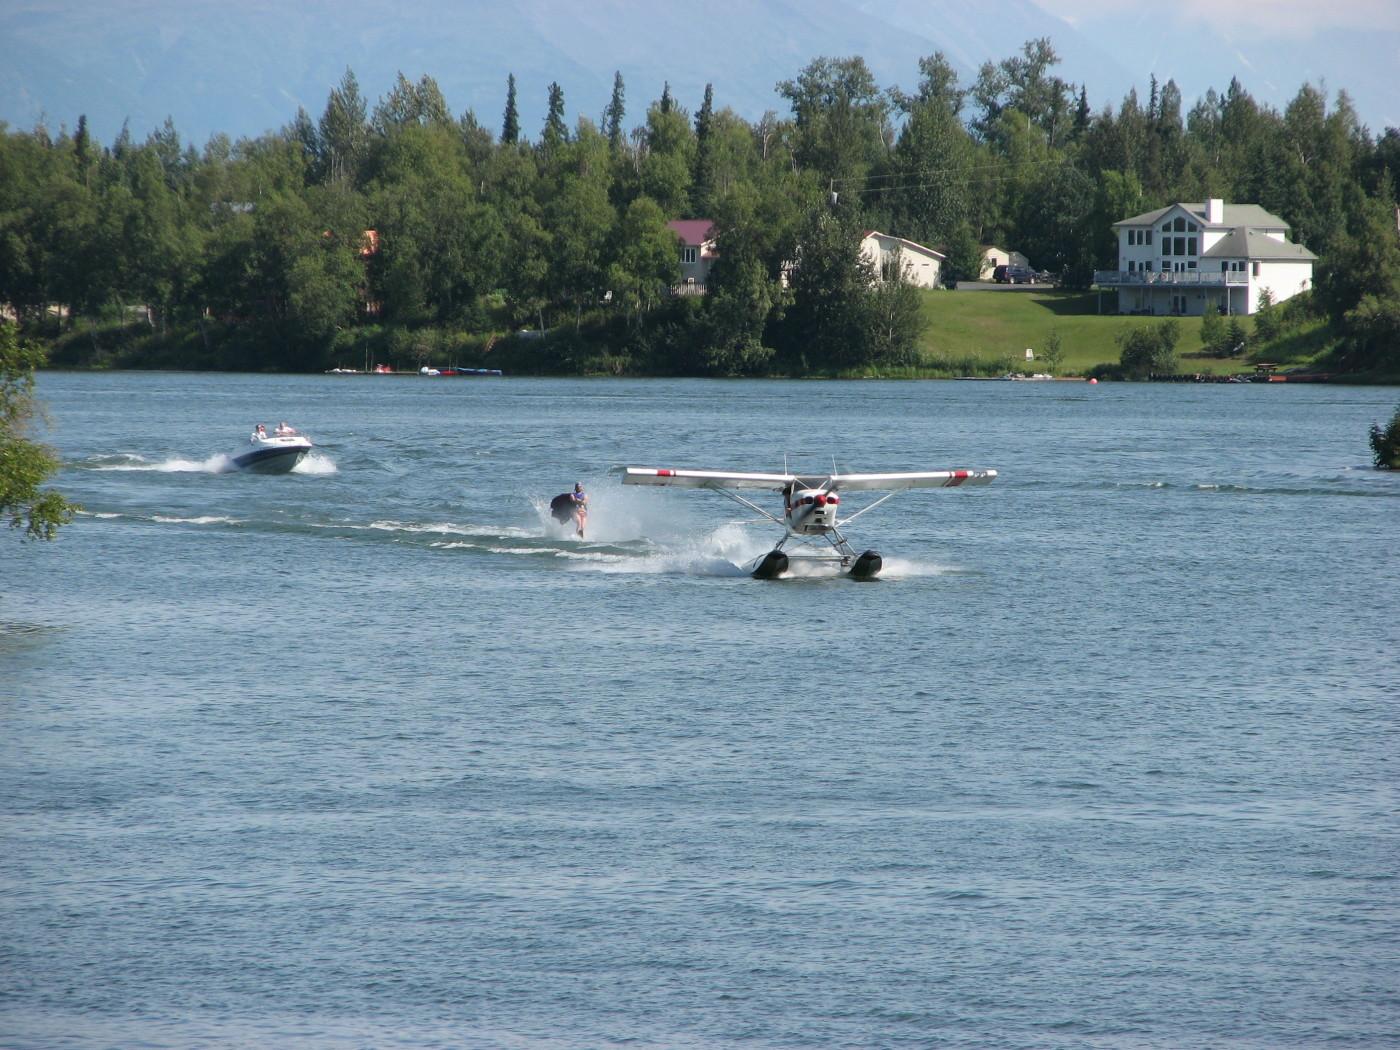 Waterskiing Alaskan style